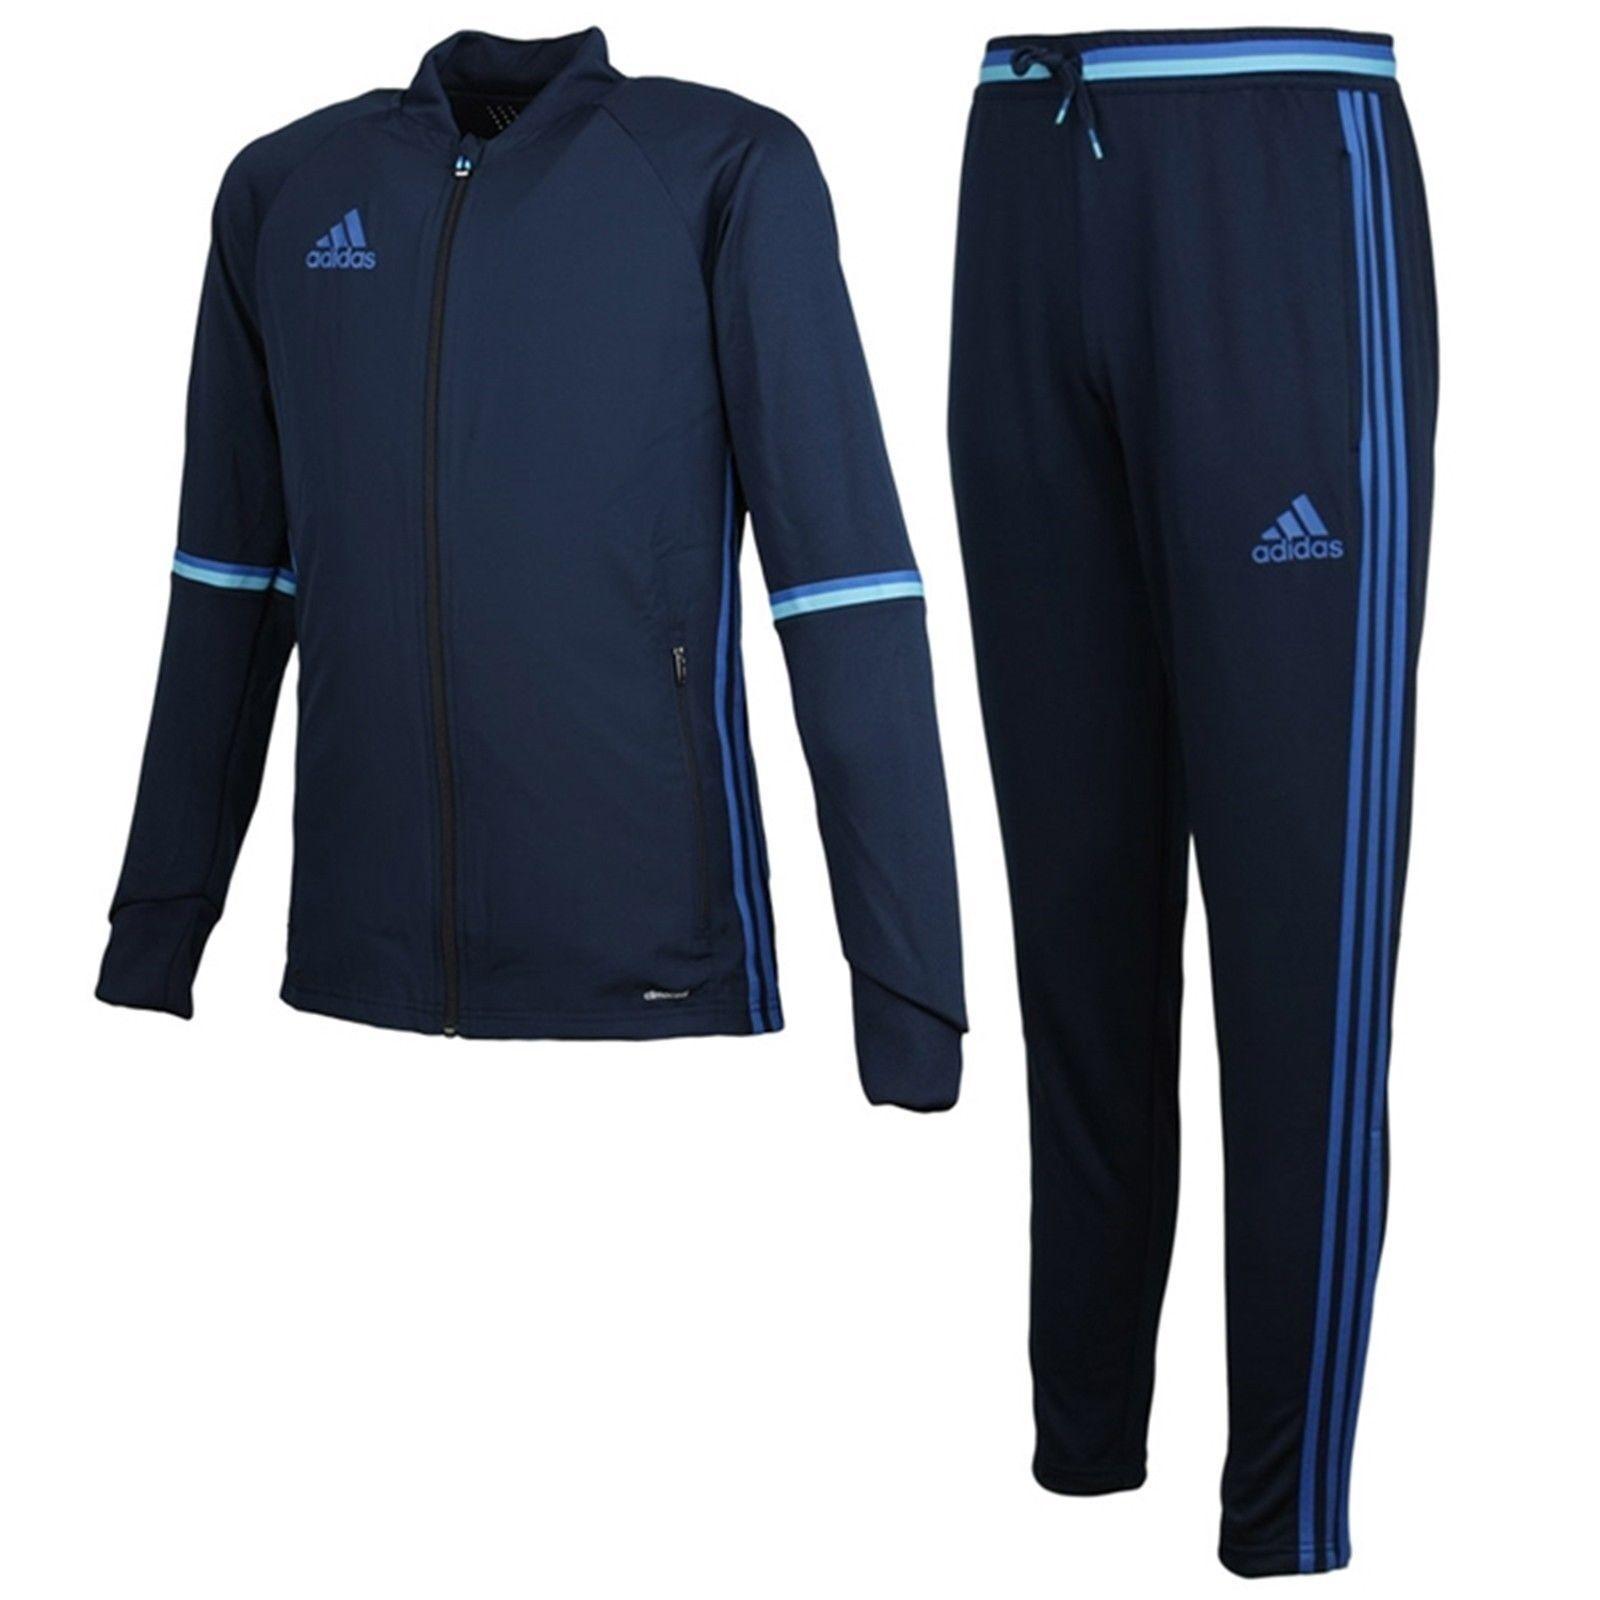 Adidas Condivo 16 formación de jóvenes Traje Conjunto Climacool Deportes Gym AB3070-AB3121